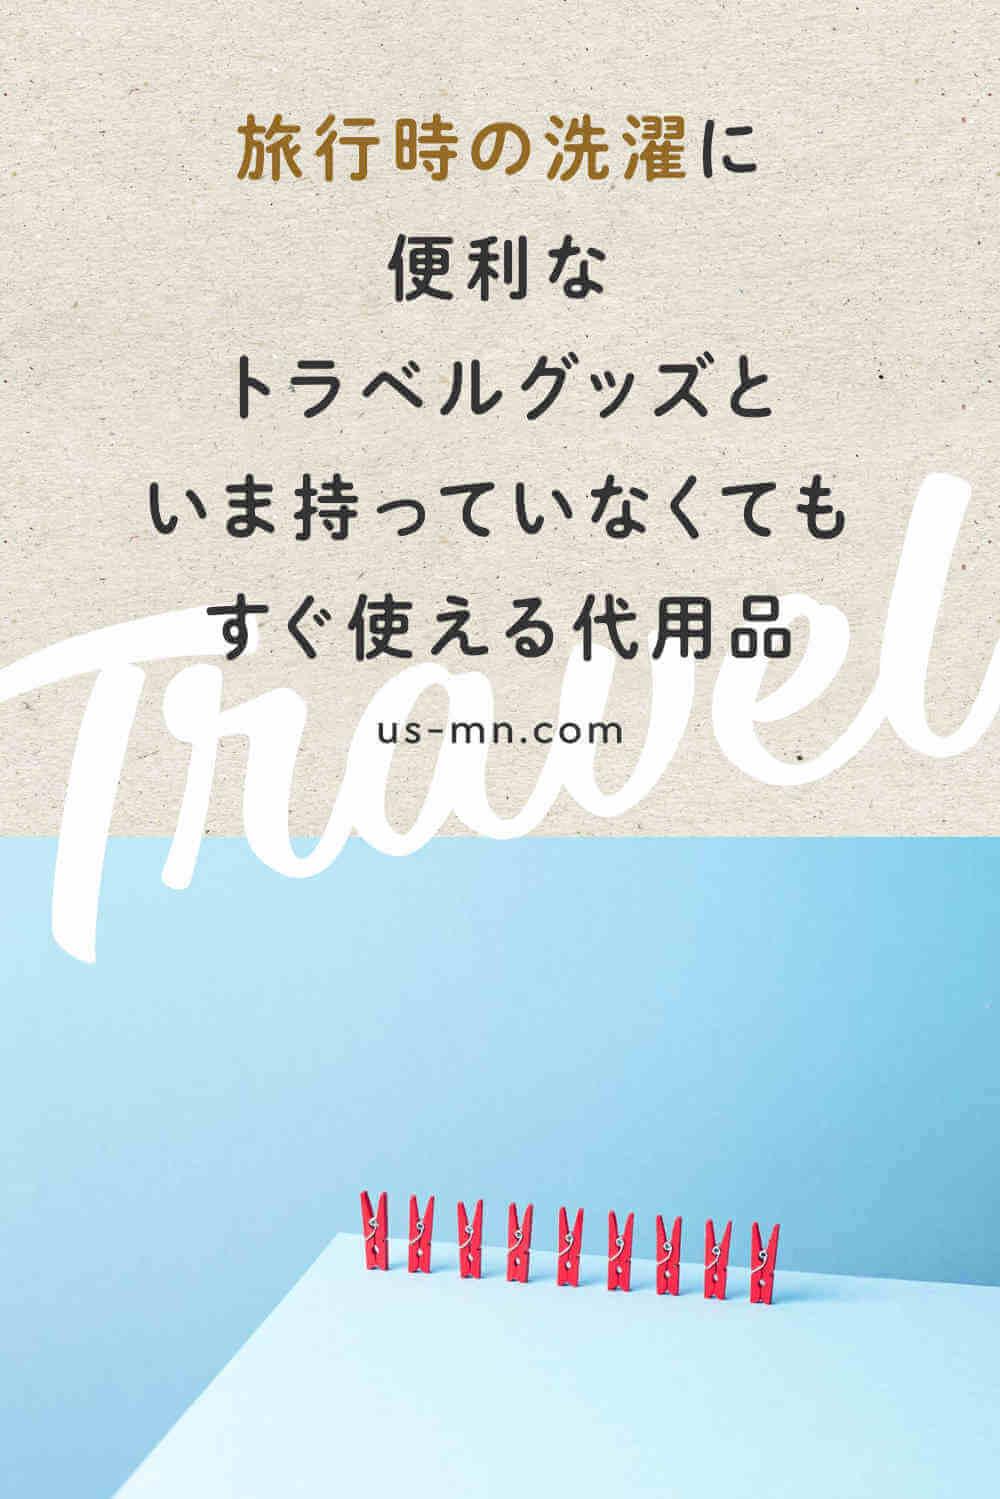 旅行時の洗濯に便利なトラベルグッズ&いま持っていなくてもすぐ使える代用品